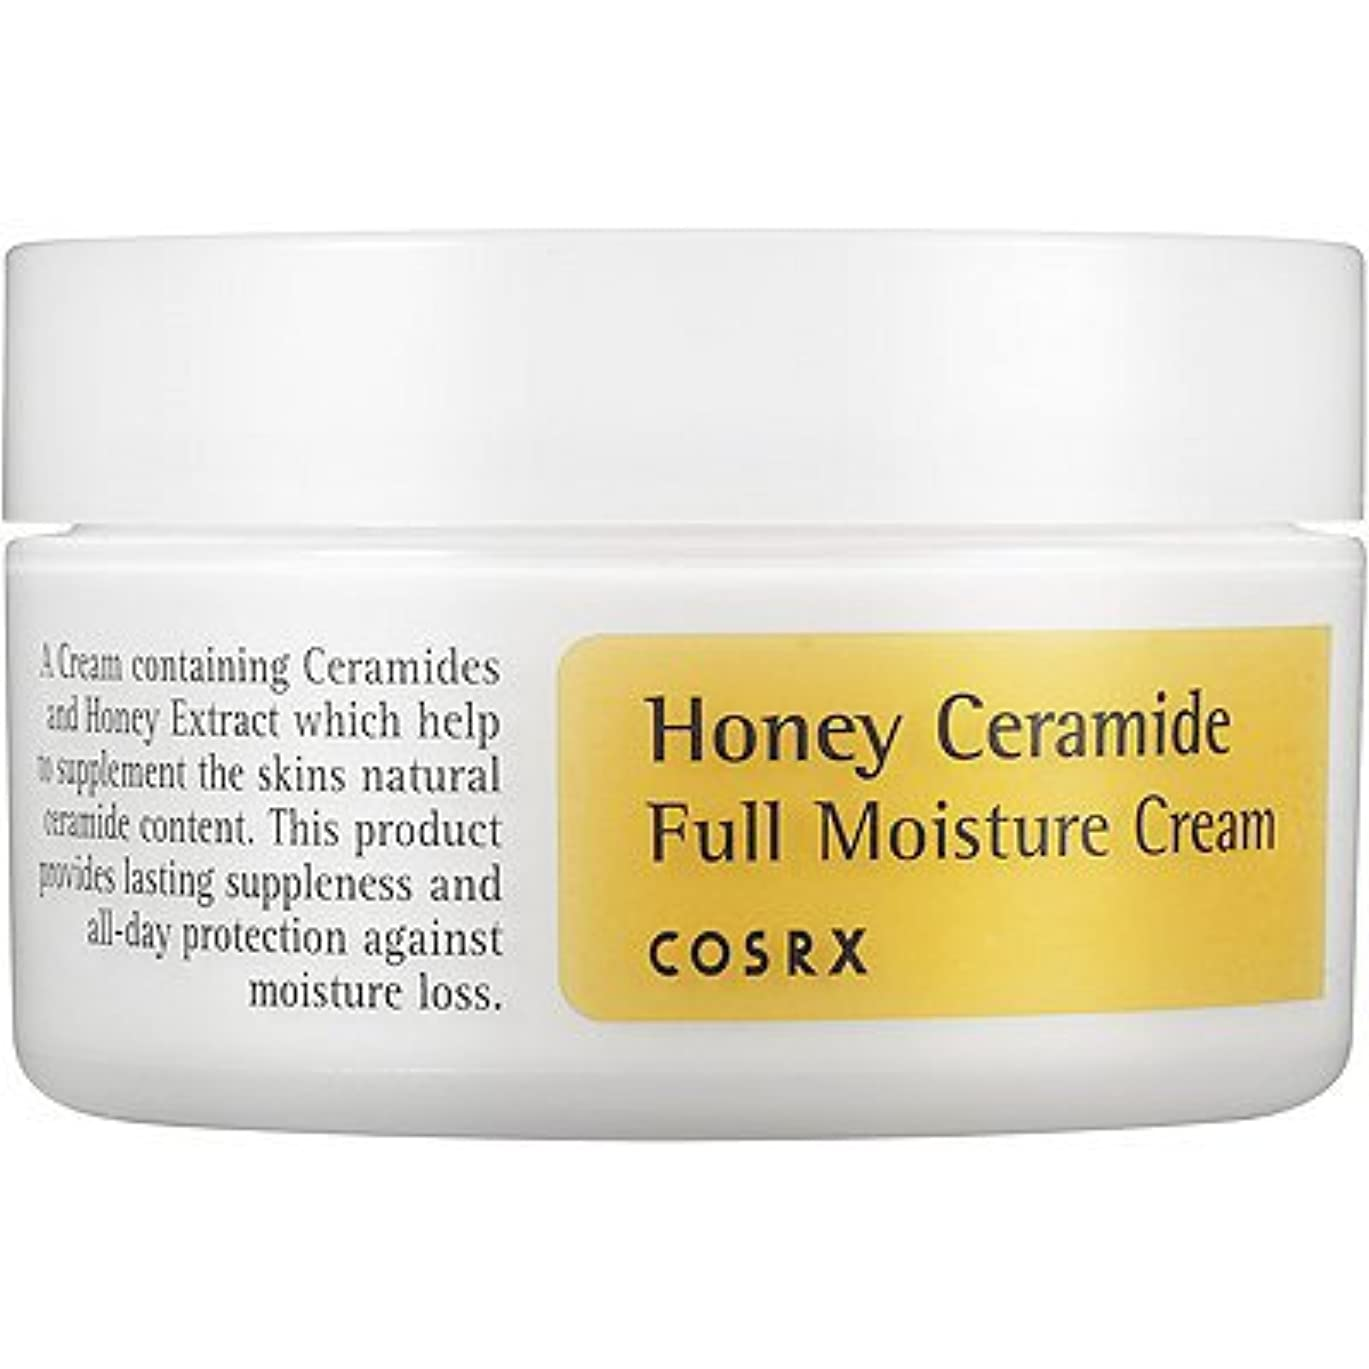 砦羊の恨みCOSRX Honey Ceramide Full Moisture Cream 50g/ハニーセラミド フル モイスチャークリーム -50g [並行輸入品]